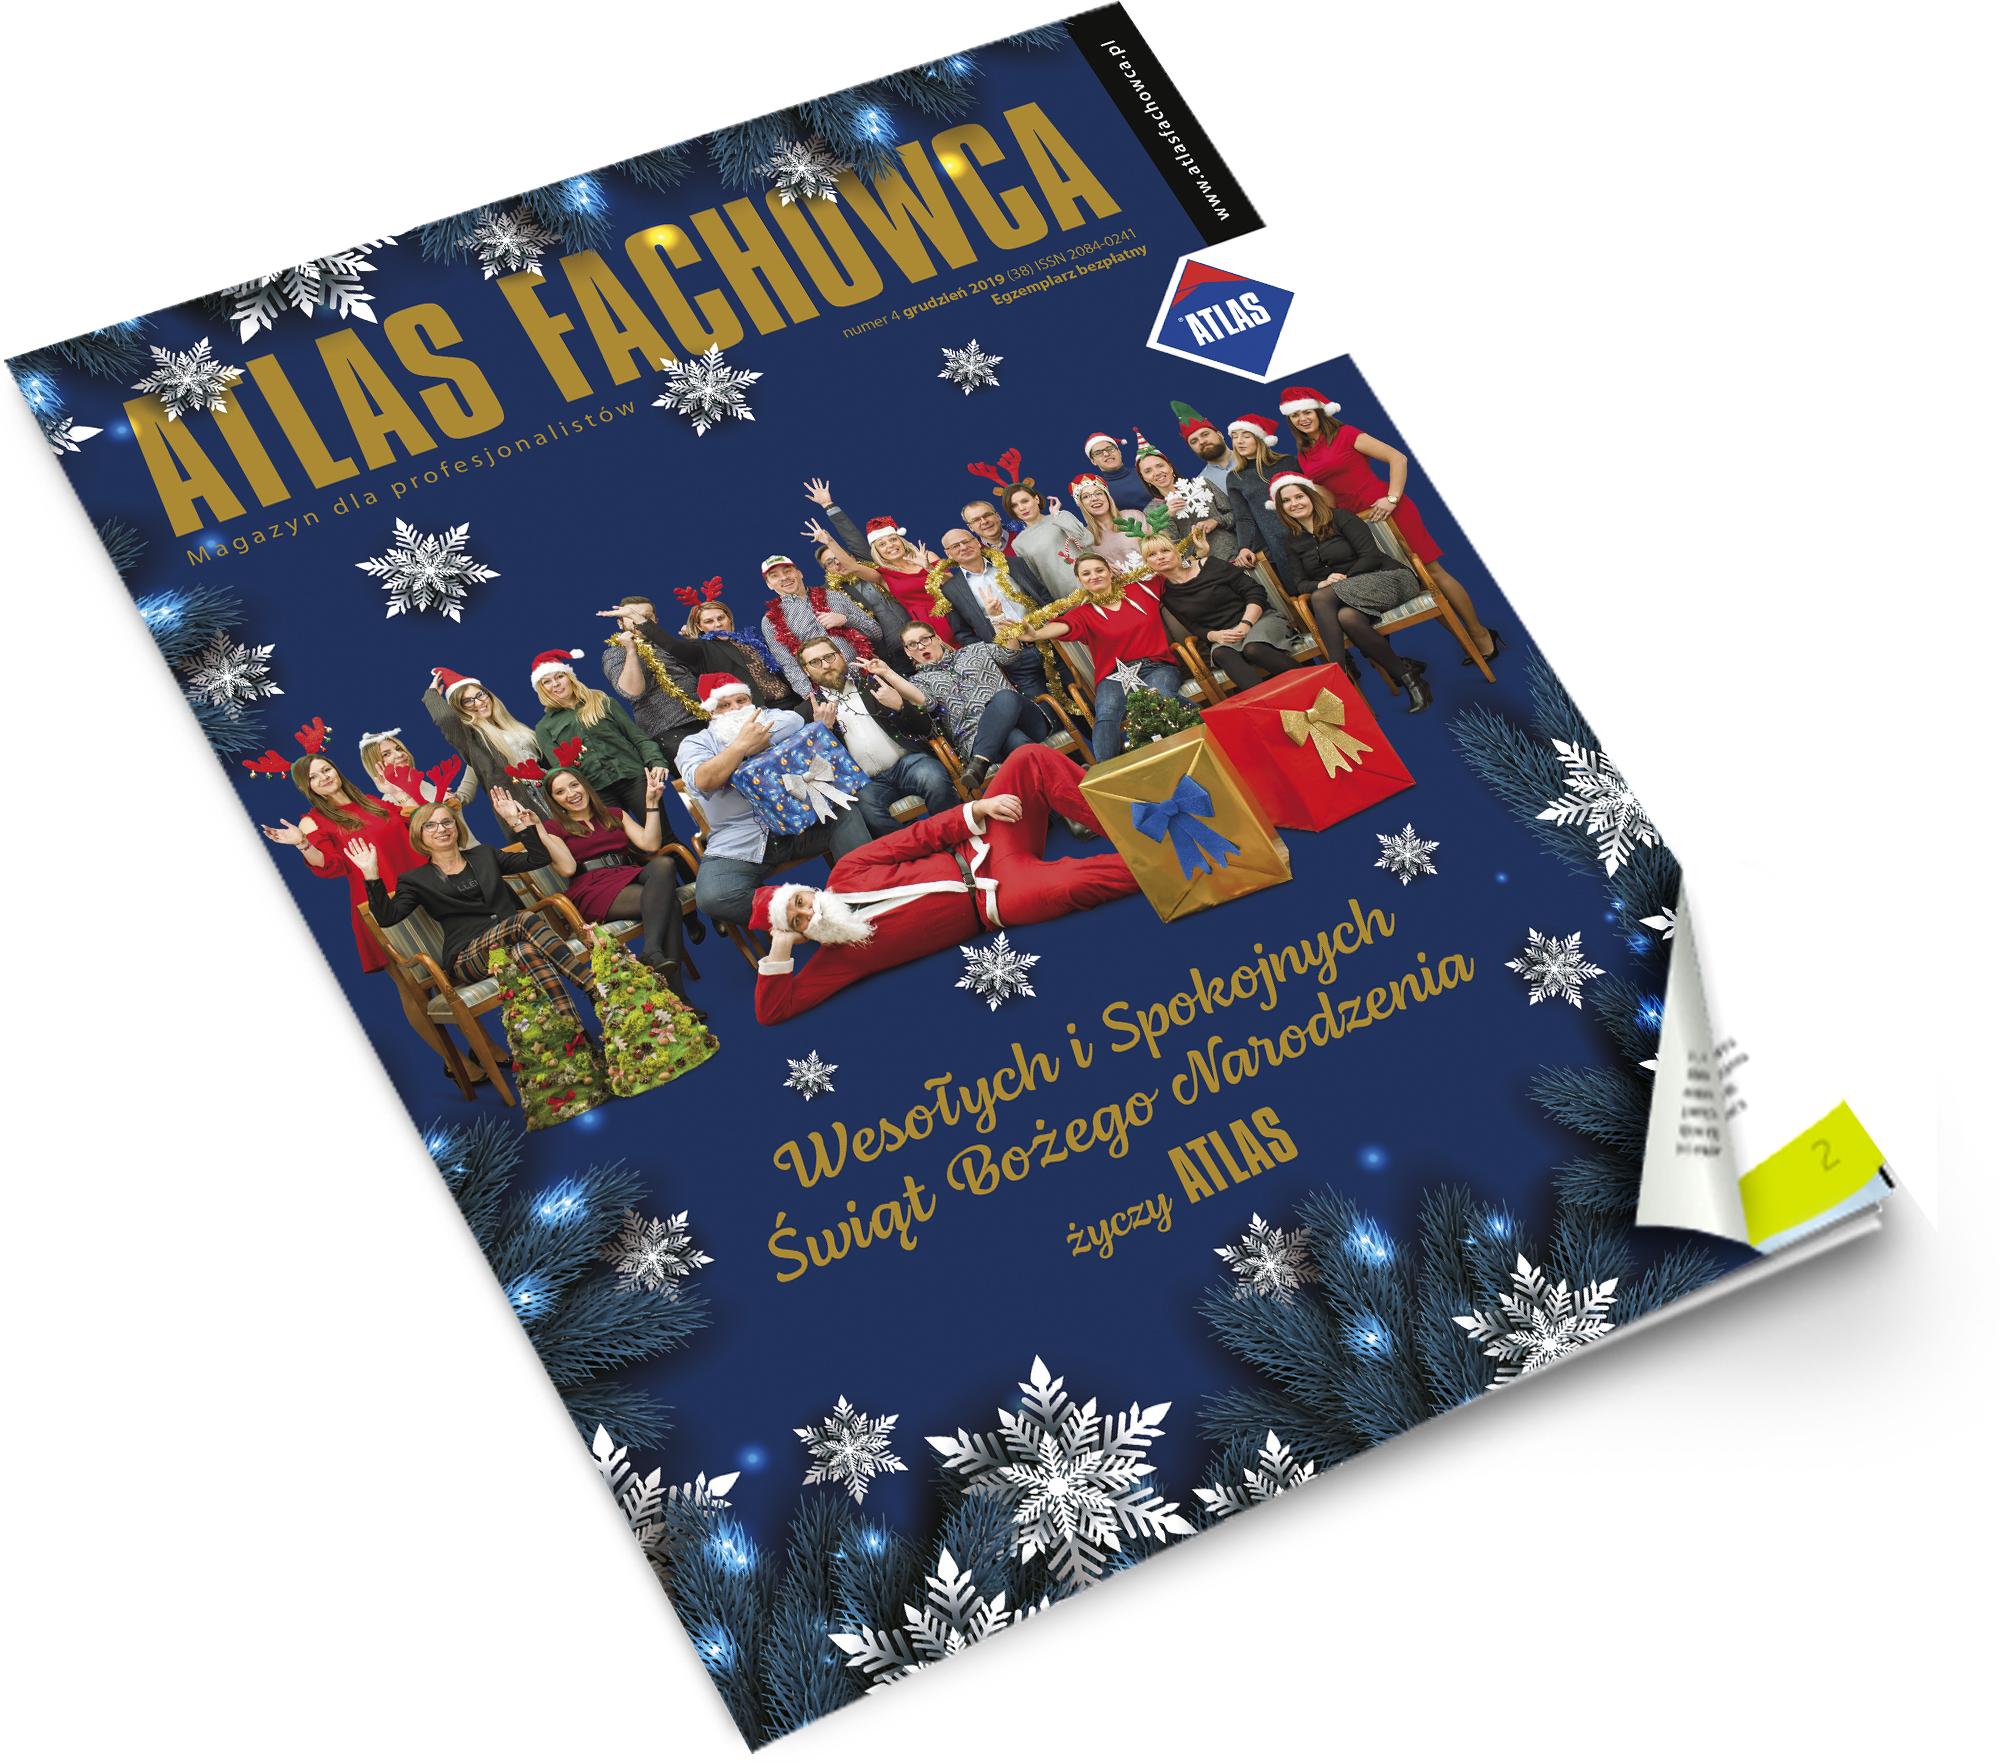 ATLAS Fachowca nr 38